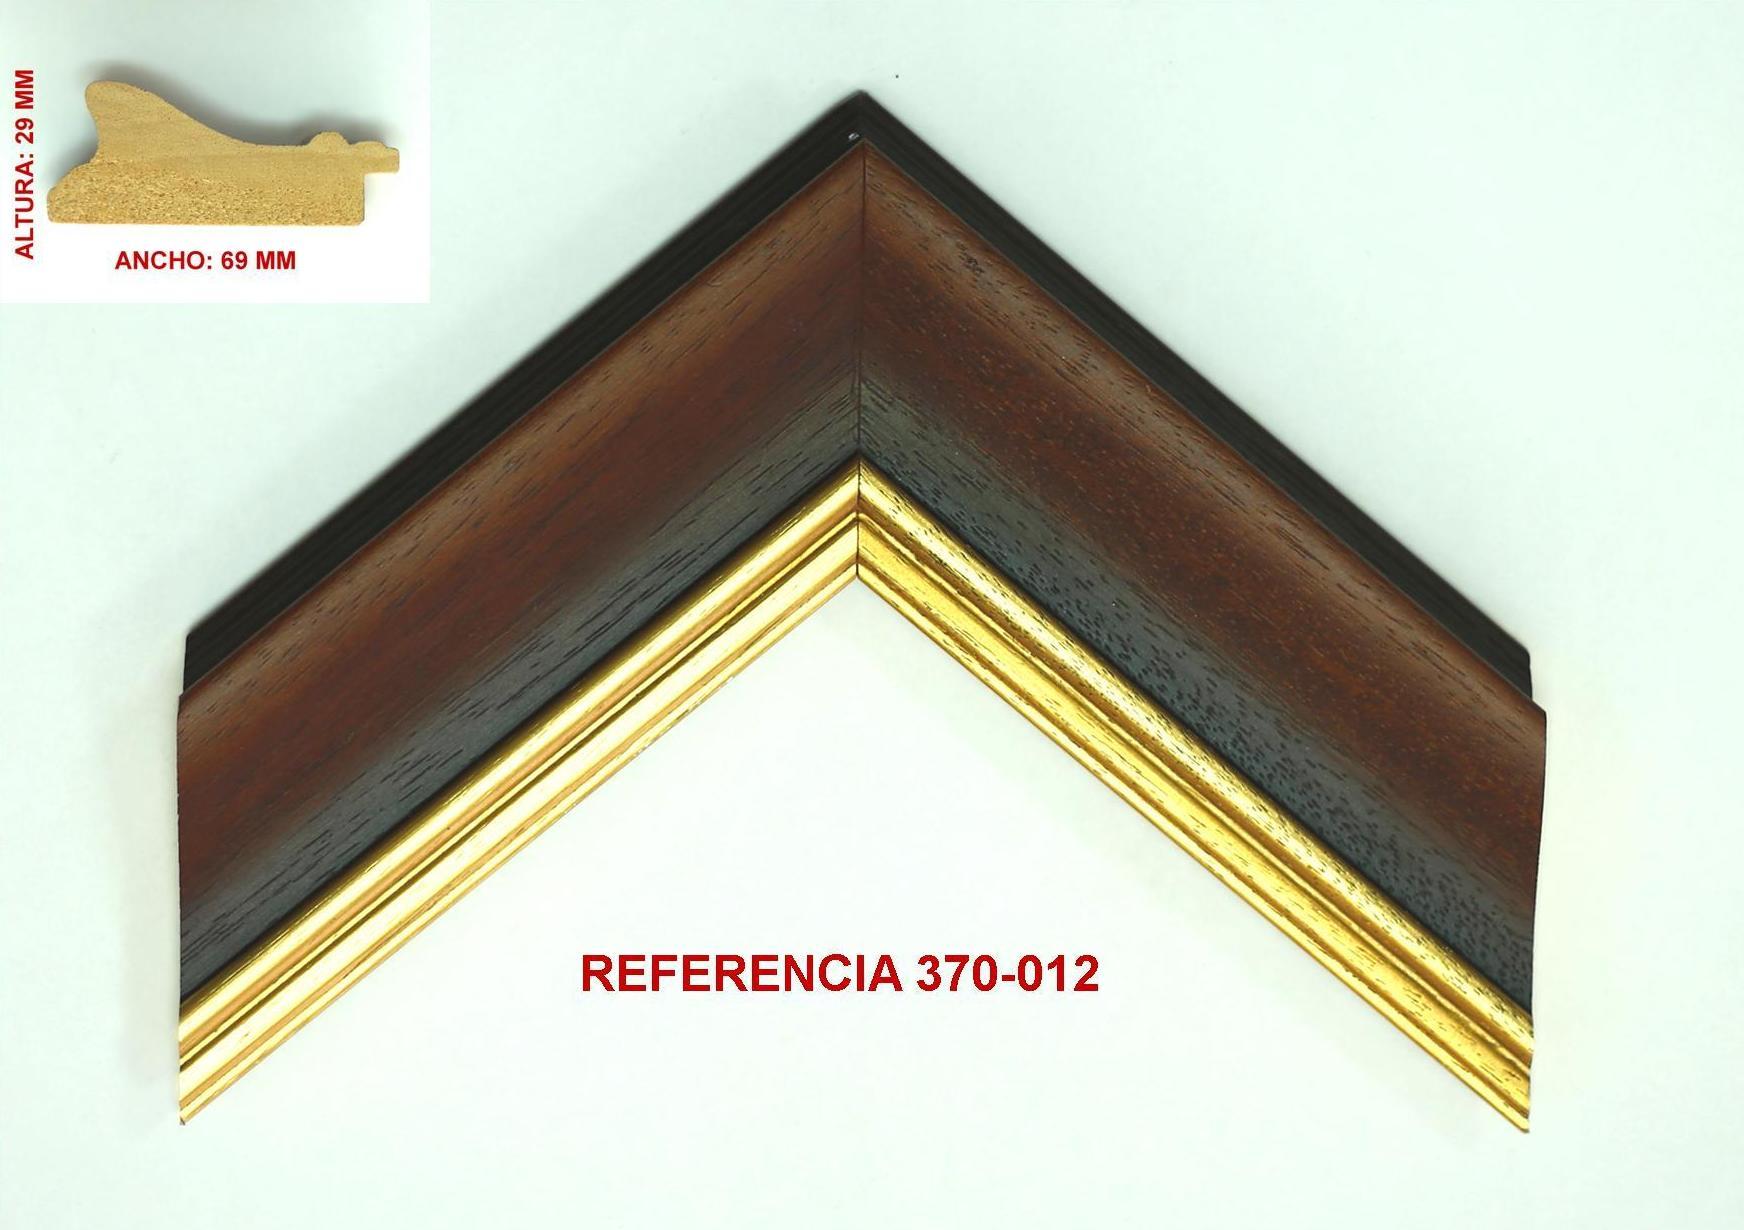 REF 370-012: Muestrario de Moldusevilla